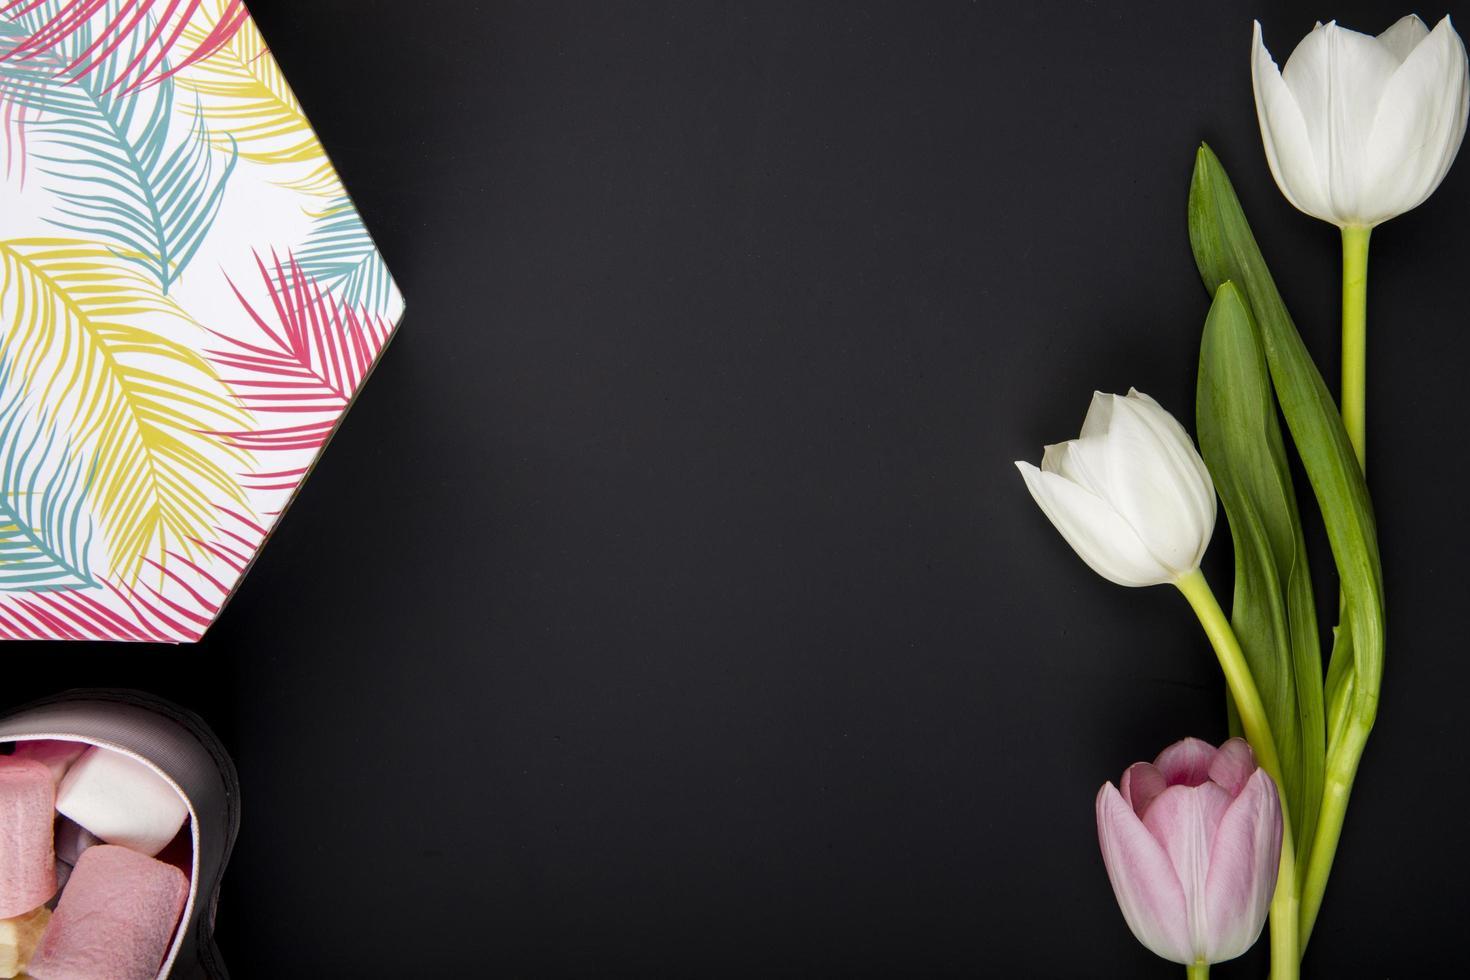 tulipes et tissu sur fond noir avec espace copie photo